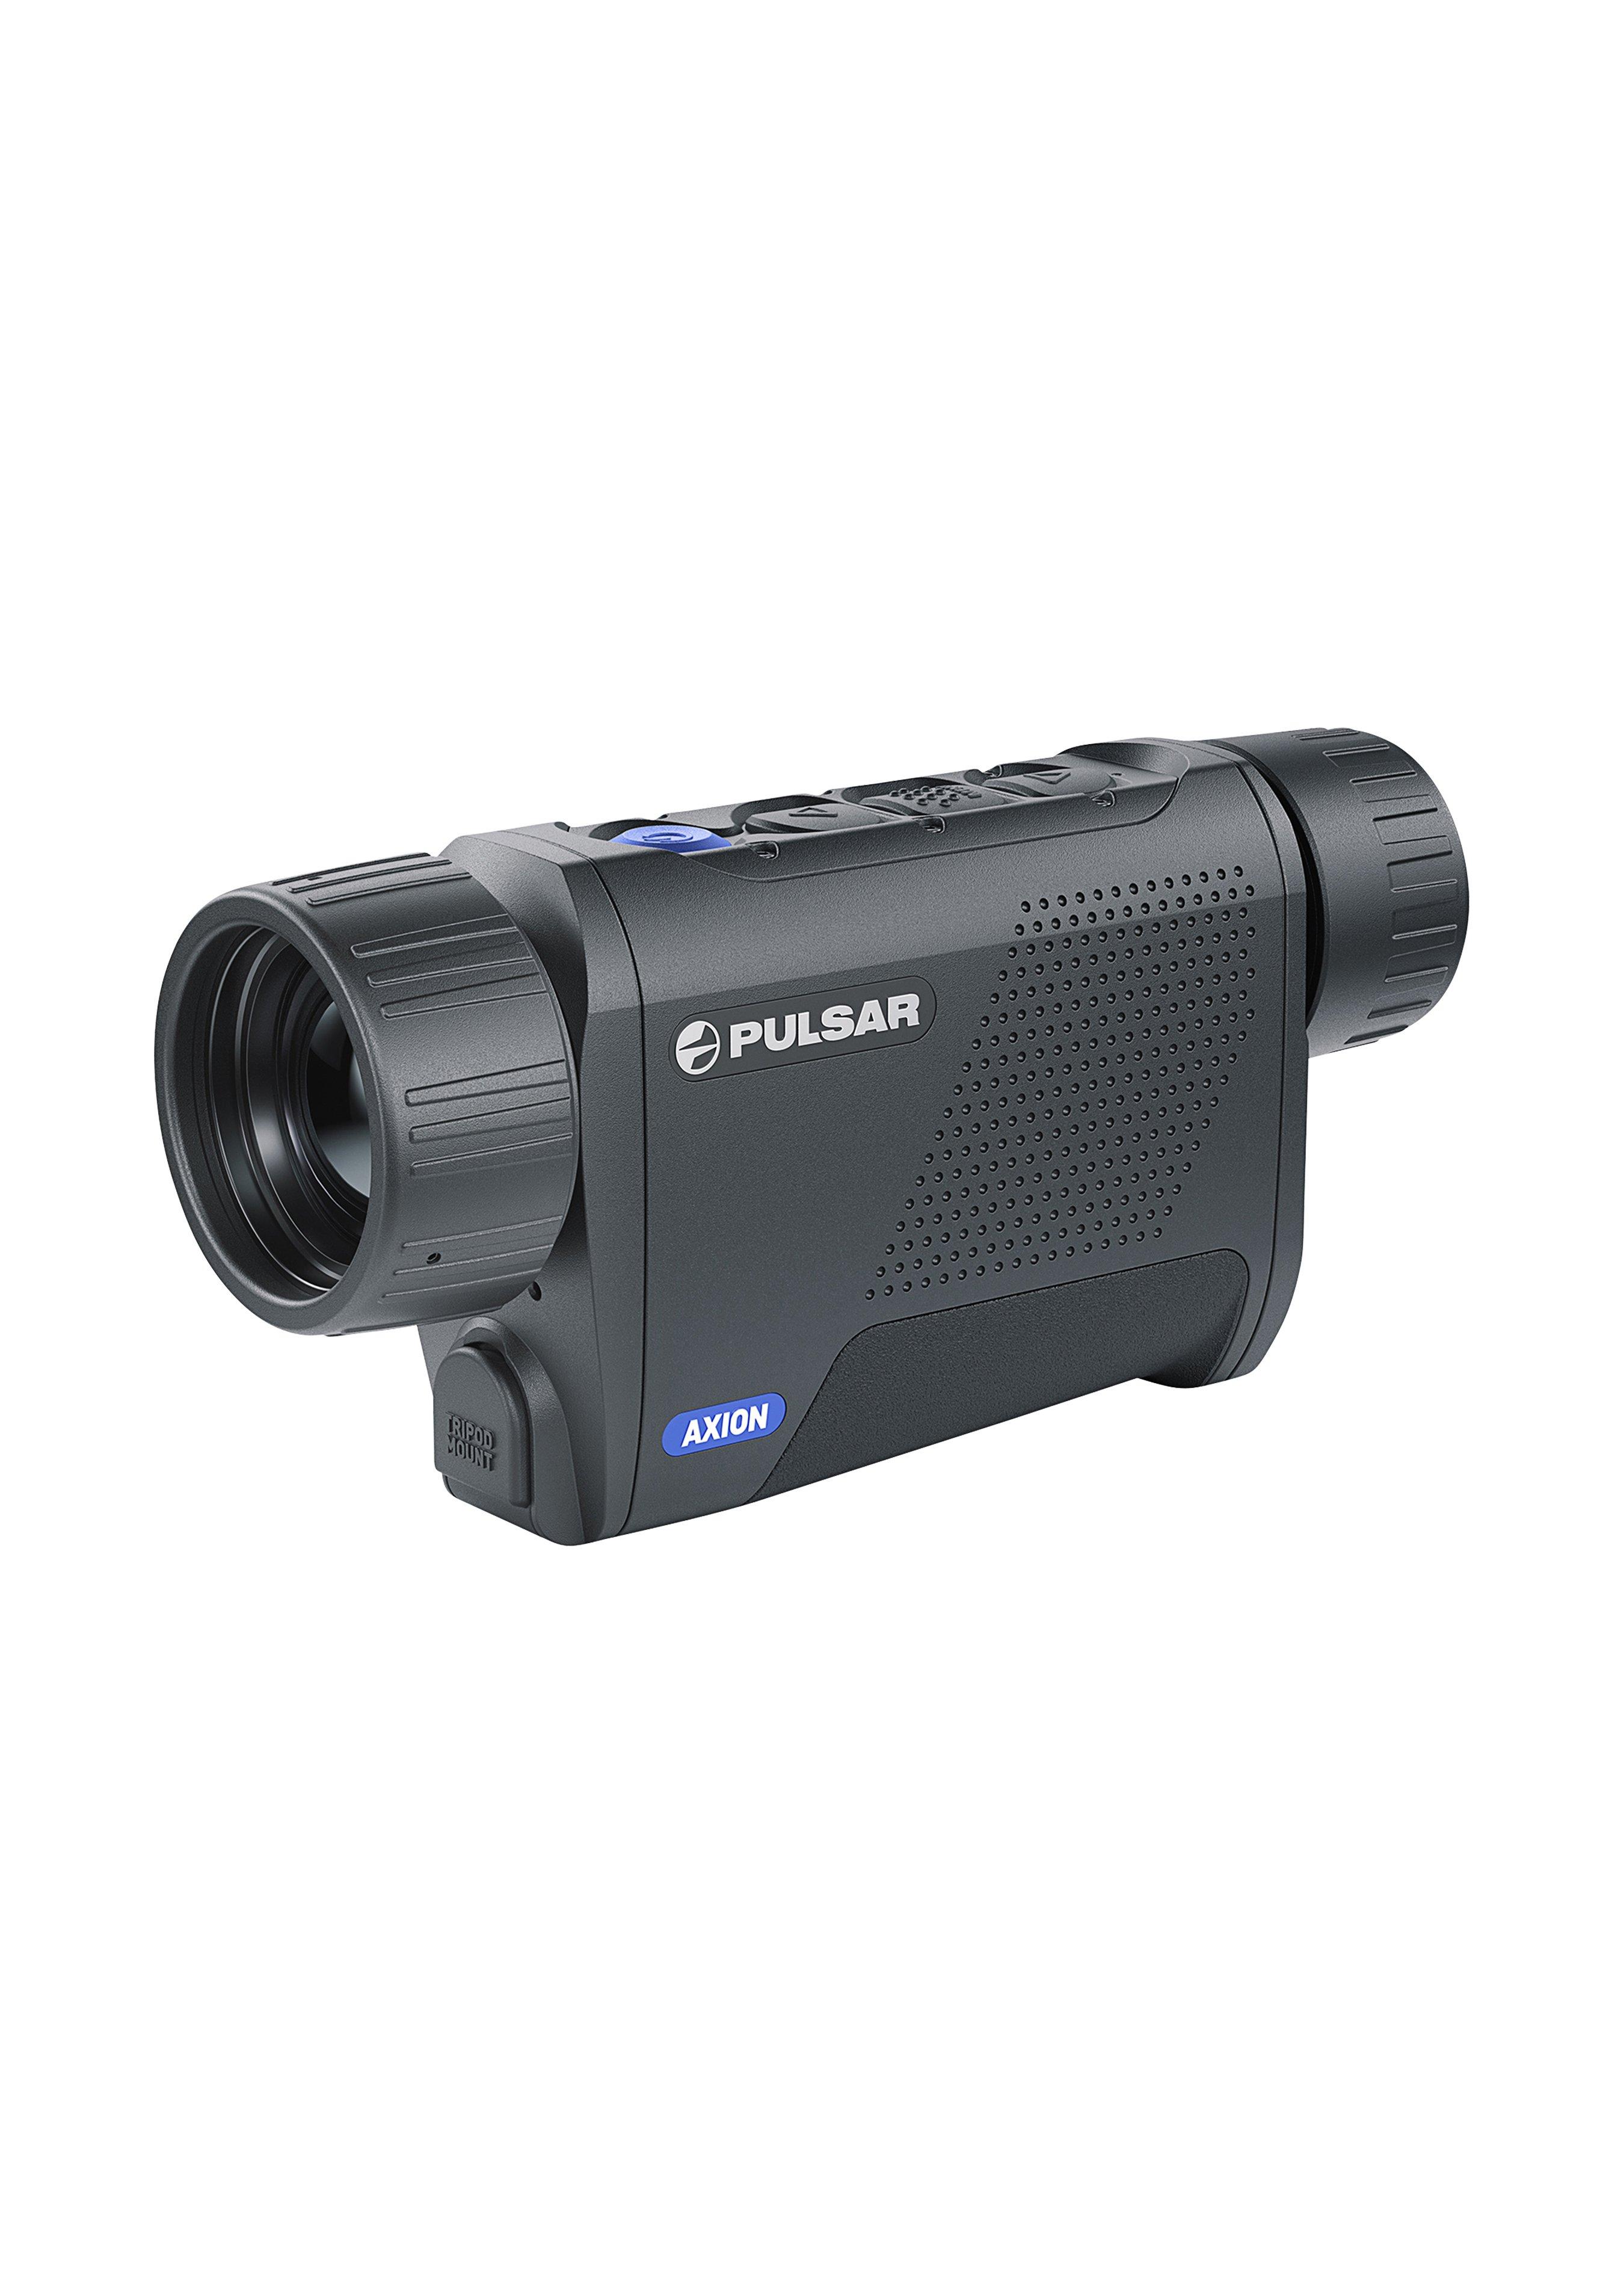 Pulsar Wärmebildkamera Axion XQ 38 244210 1